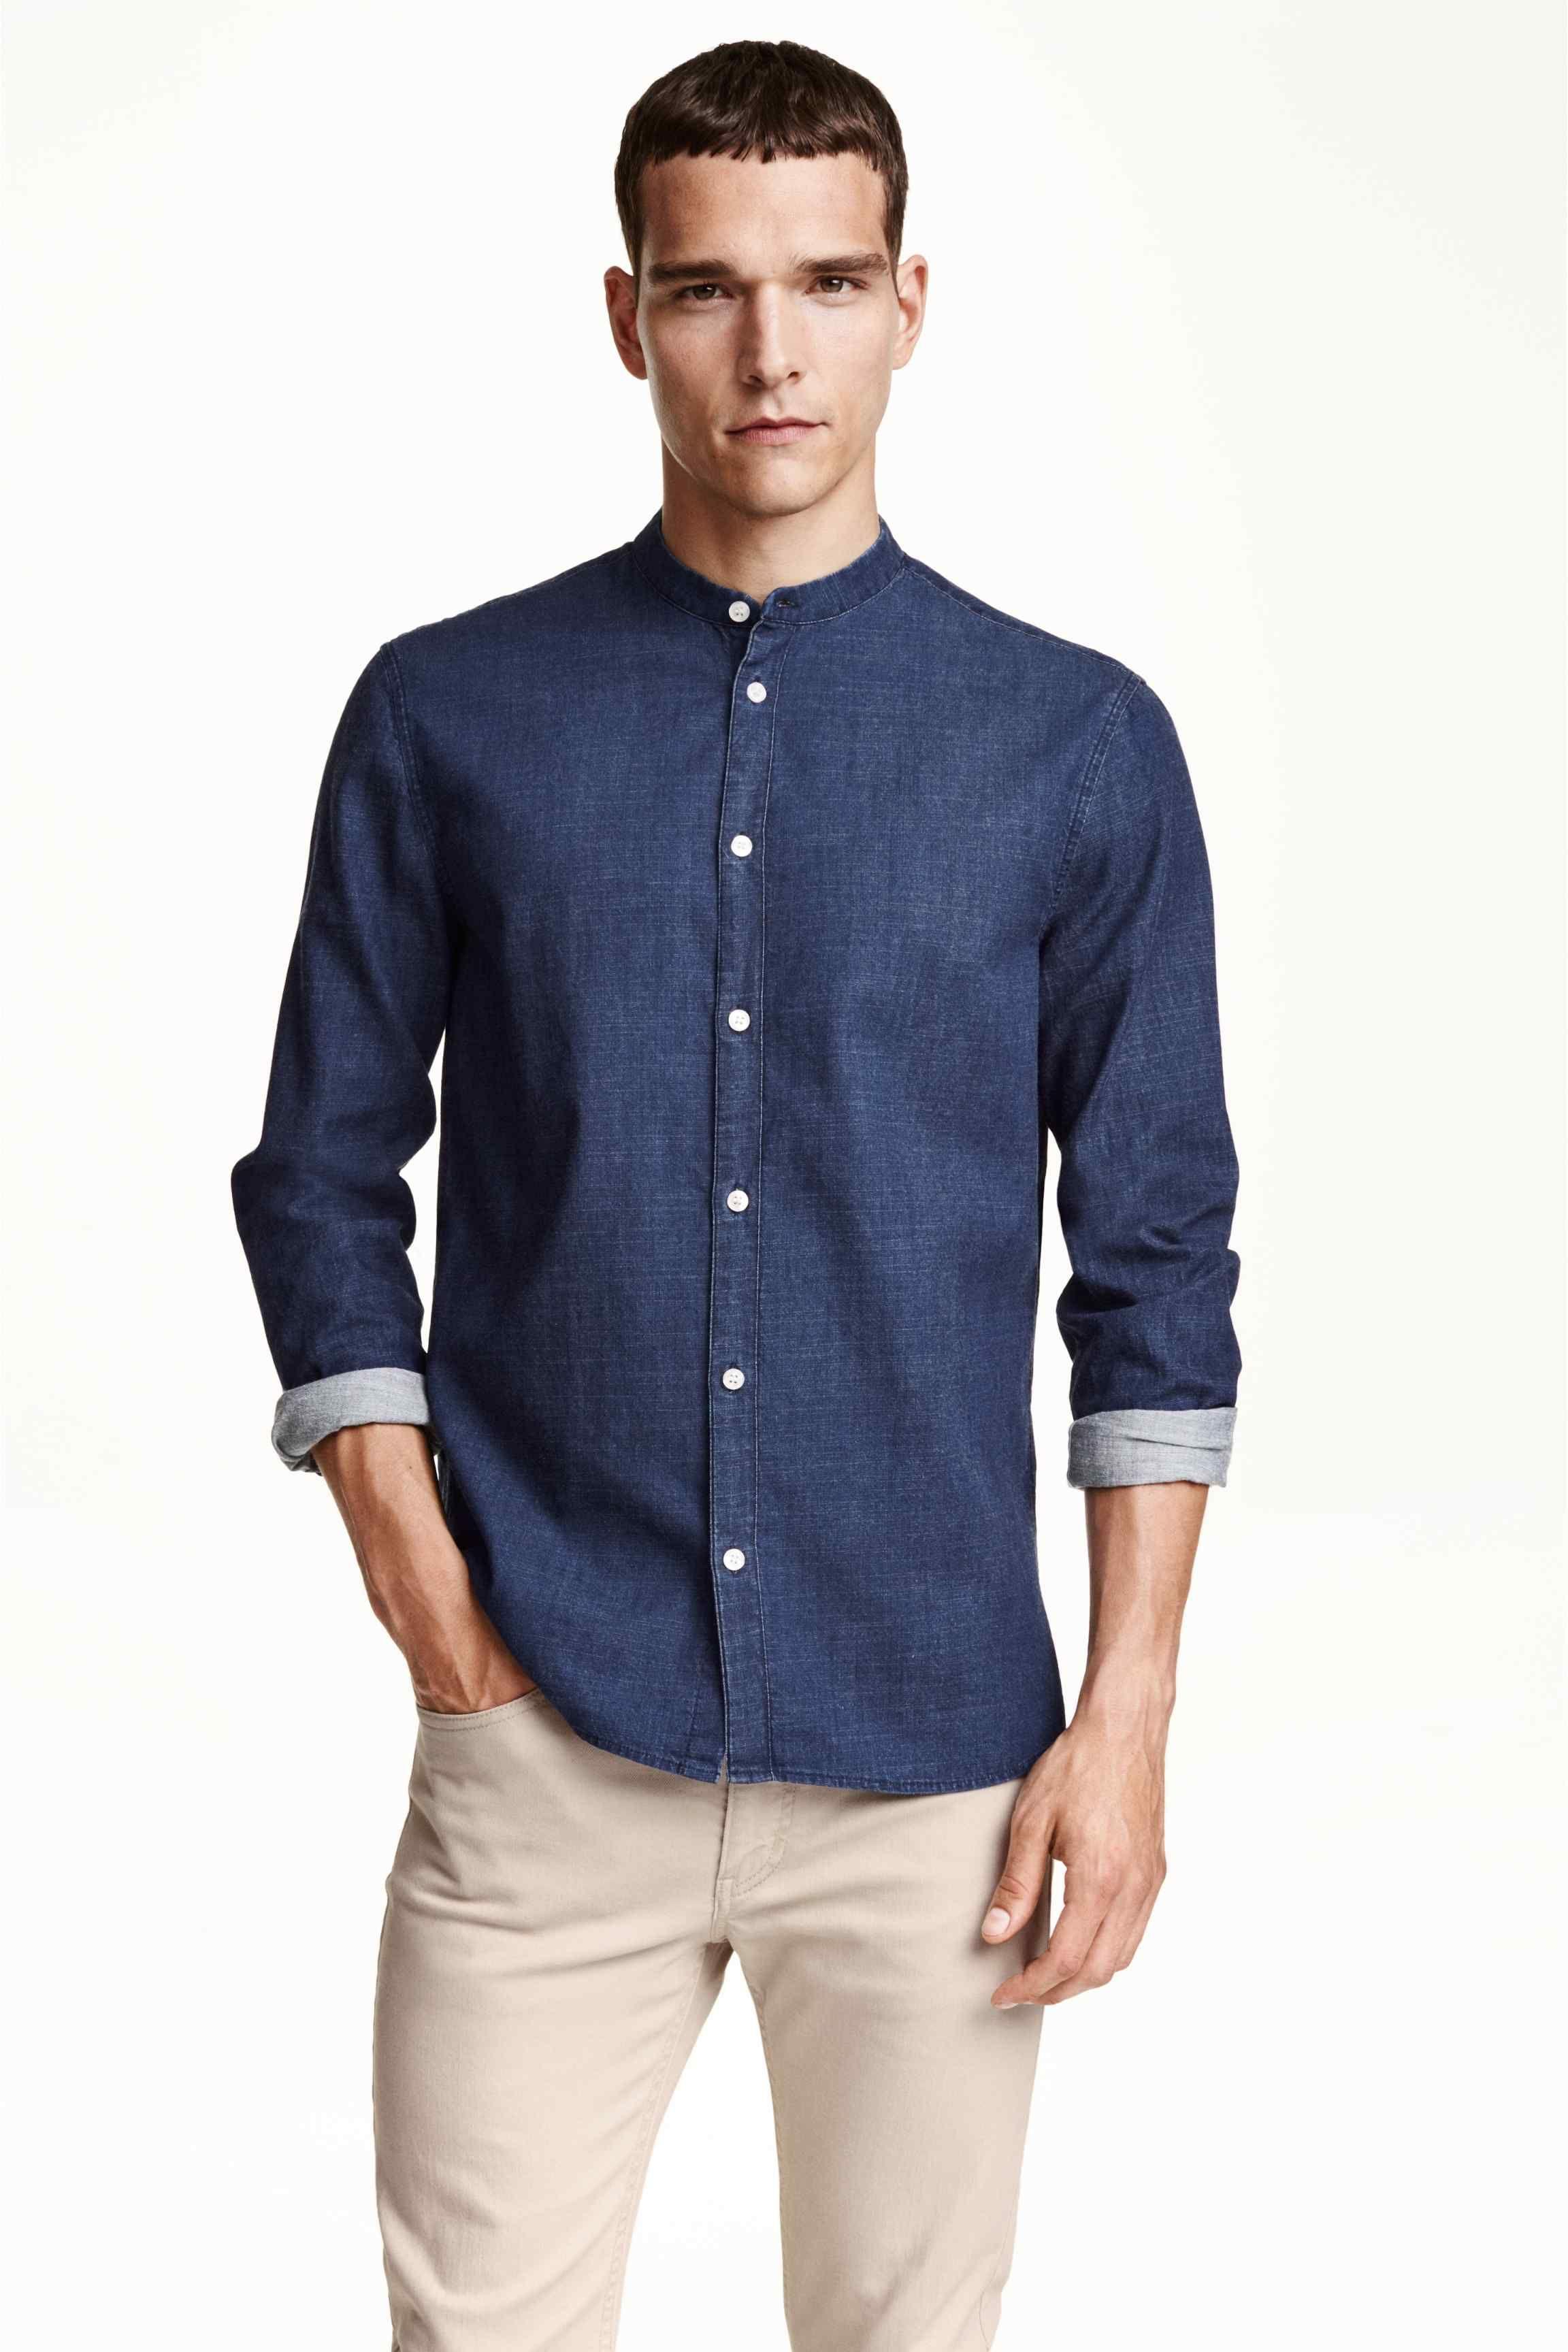 reputable site famous brand info for Chemise à col mao | H&M en 2019 | Chemises habillées pour ...